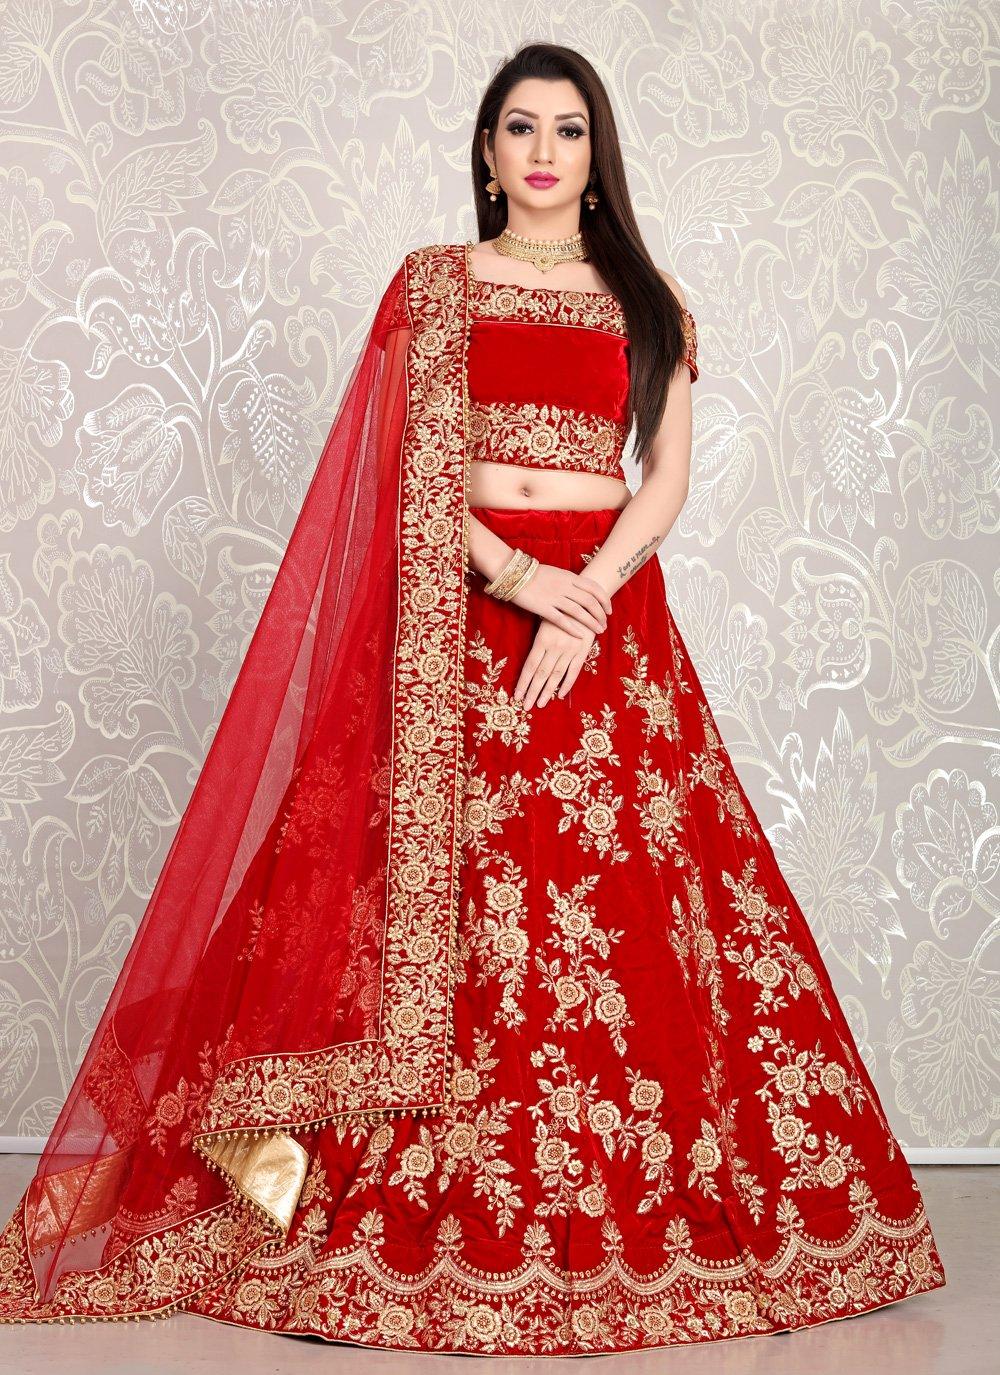 Velvet Red Embroidered Bollywood Lehenga Choli